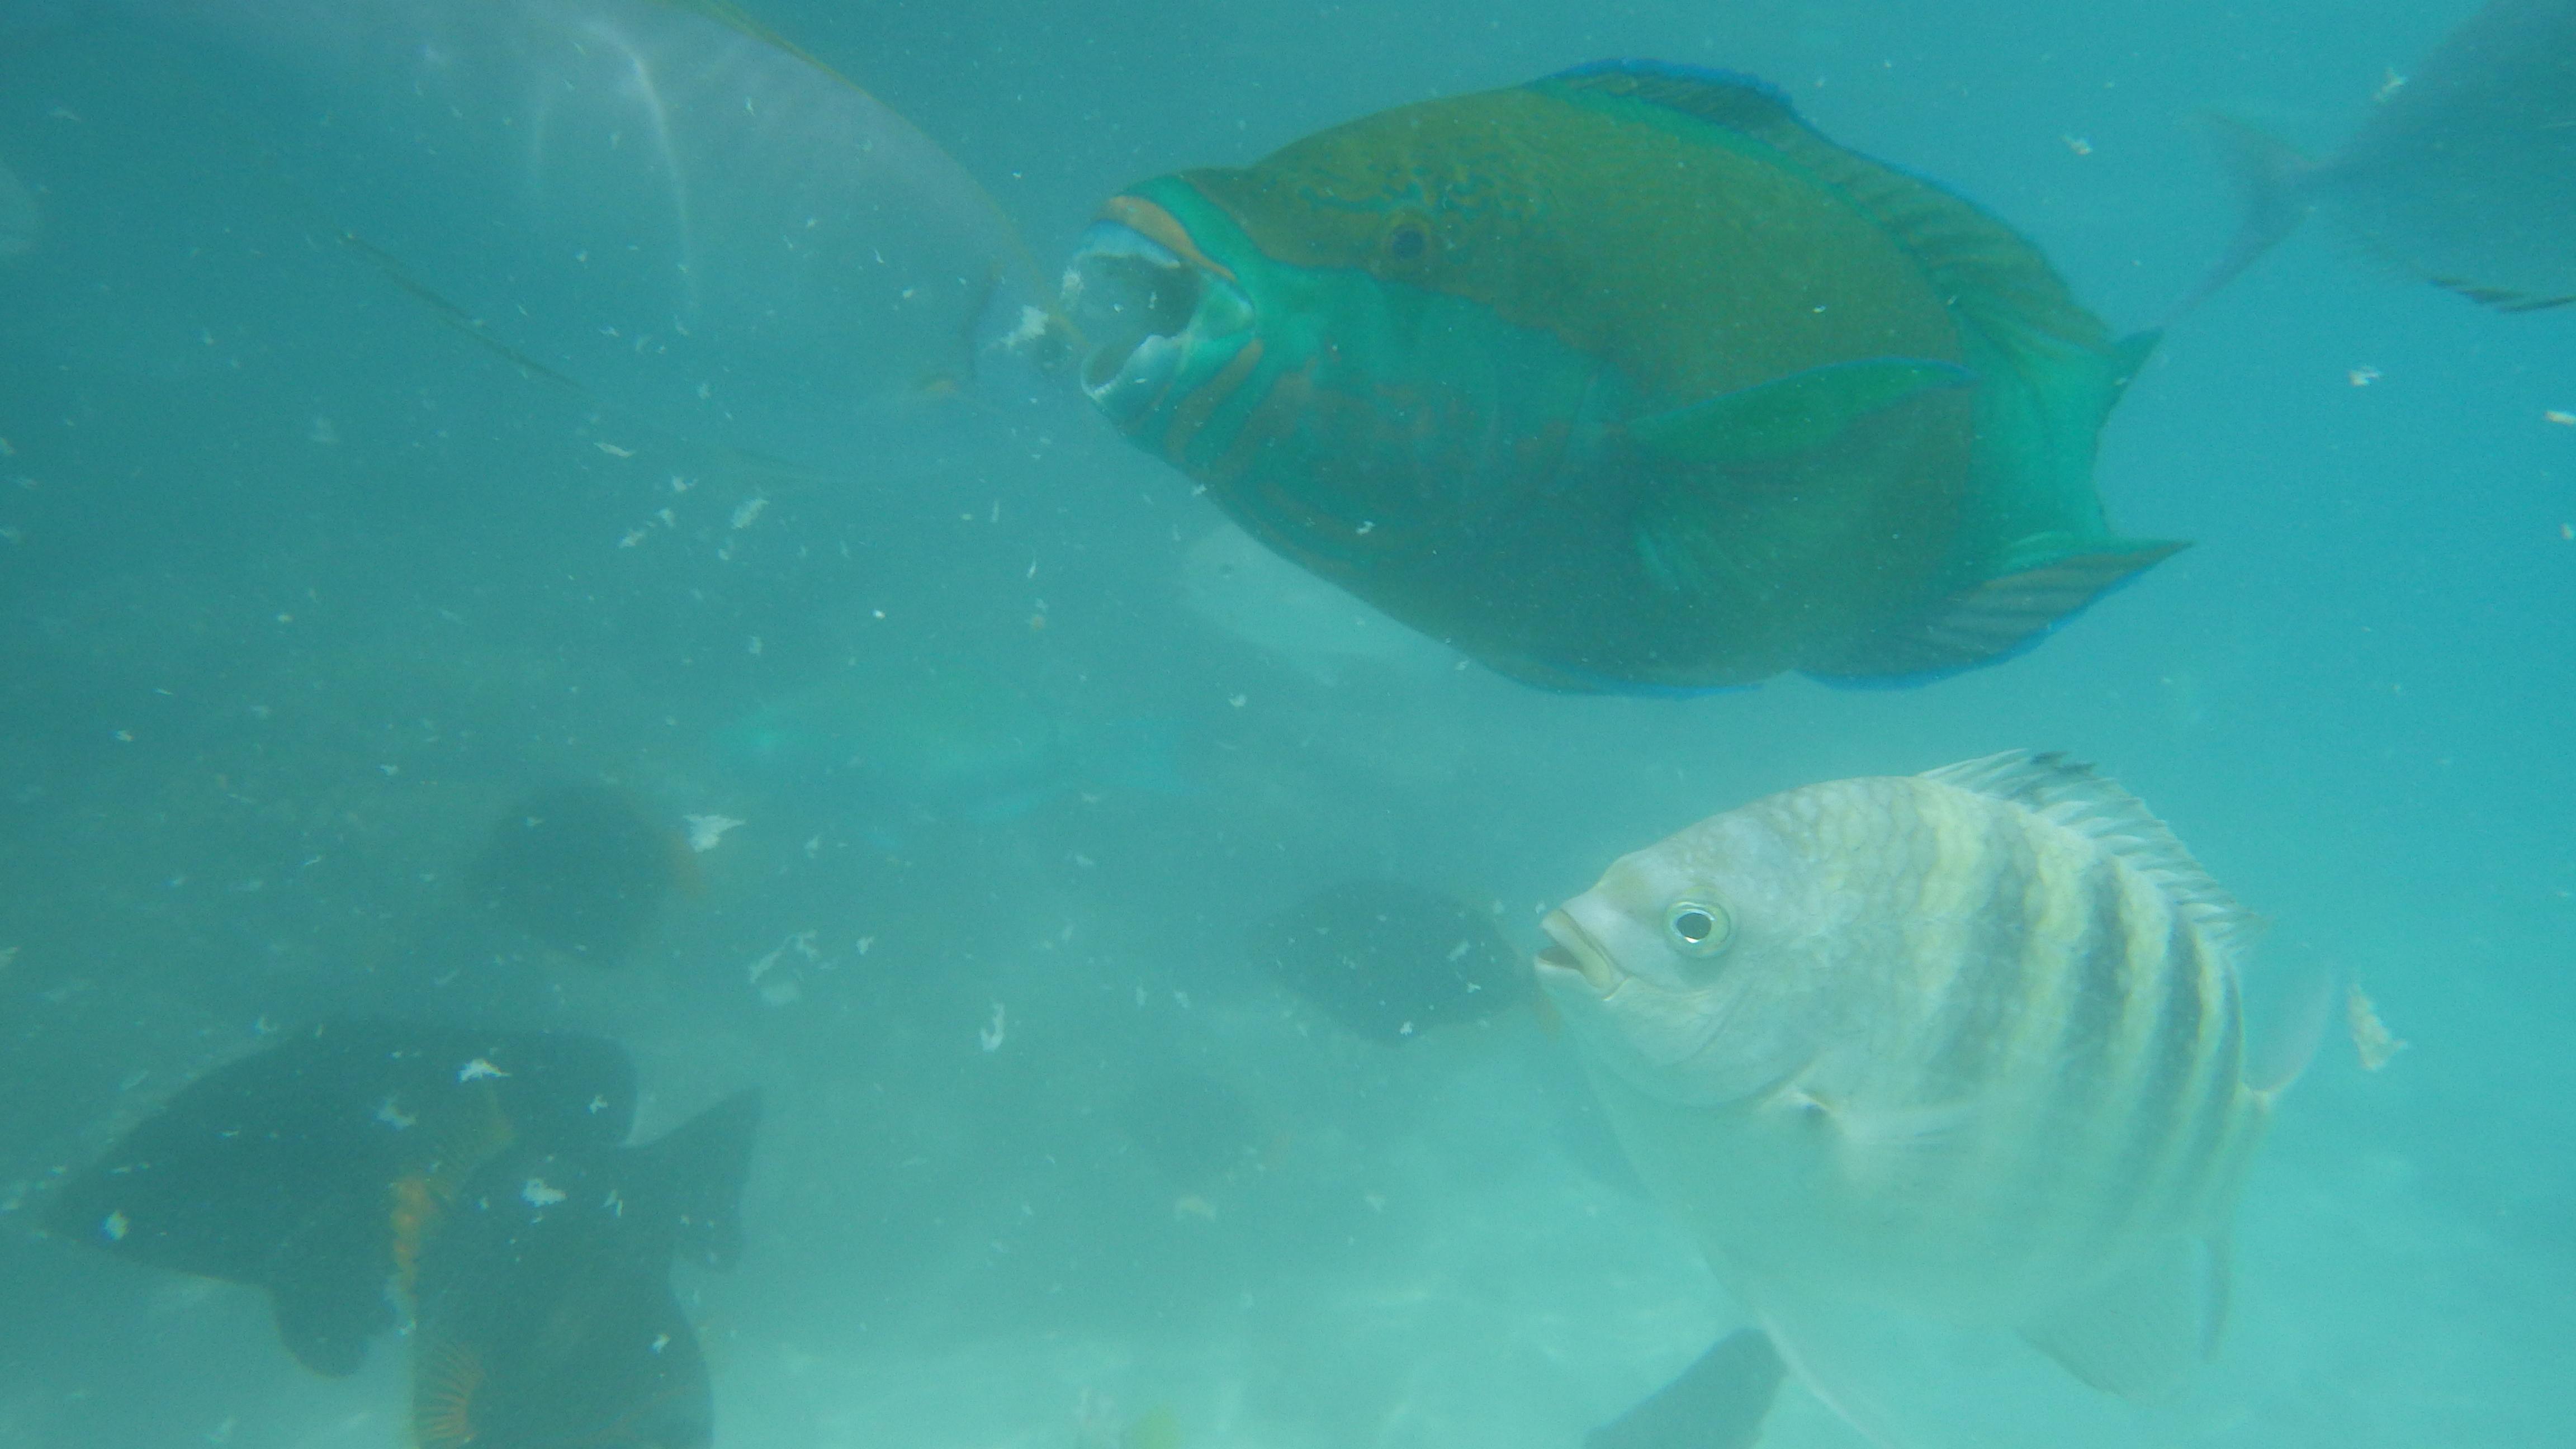 通过携程订的马尔代夫安嘎嘎岛Angaga自由行,超高性价比,2沙2水含早晚餐,水上飞机上岛!浮潜顶级,潜水A类度假村! 携程订单编号:1119880947 2014-11-01~2014-11-05 产品名称:马尔代夫安嘎嘎岛Angaga自由行(4钻)·5日4晚 斯航转机 双房型 产品链接:http://vacations.